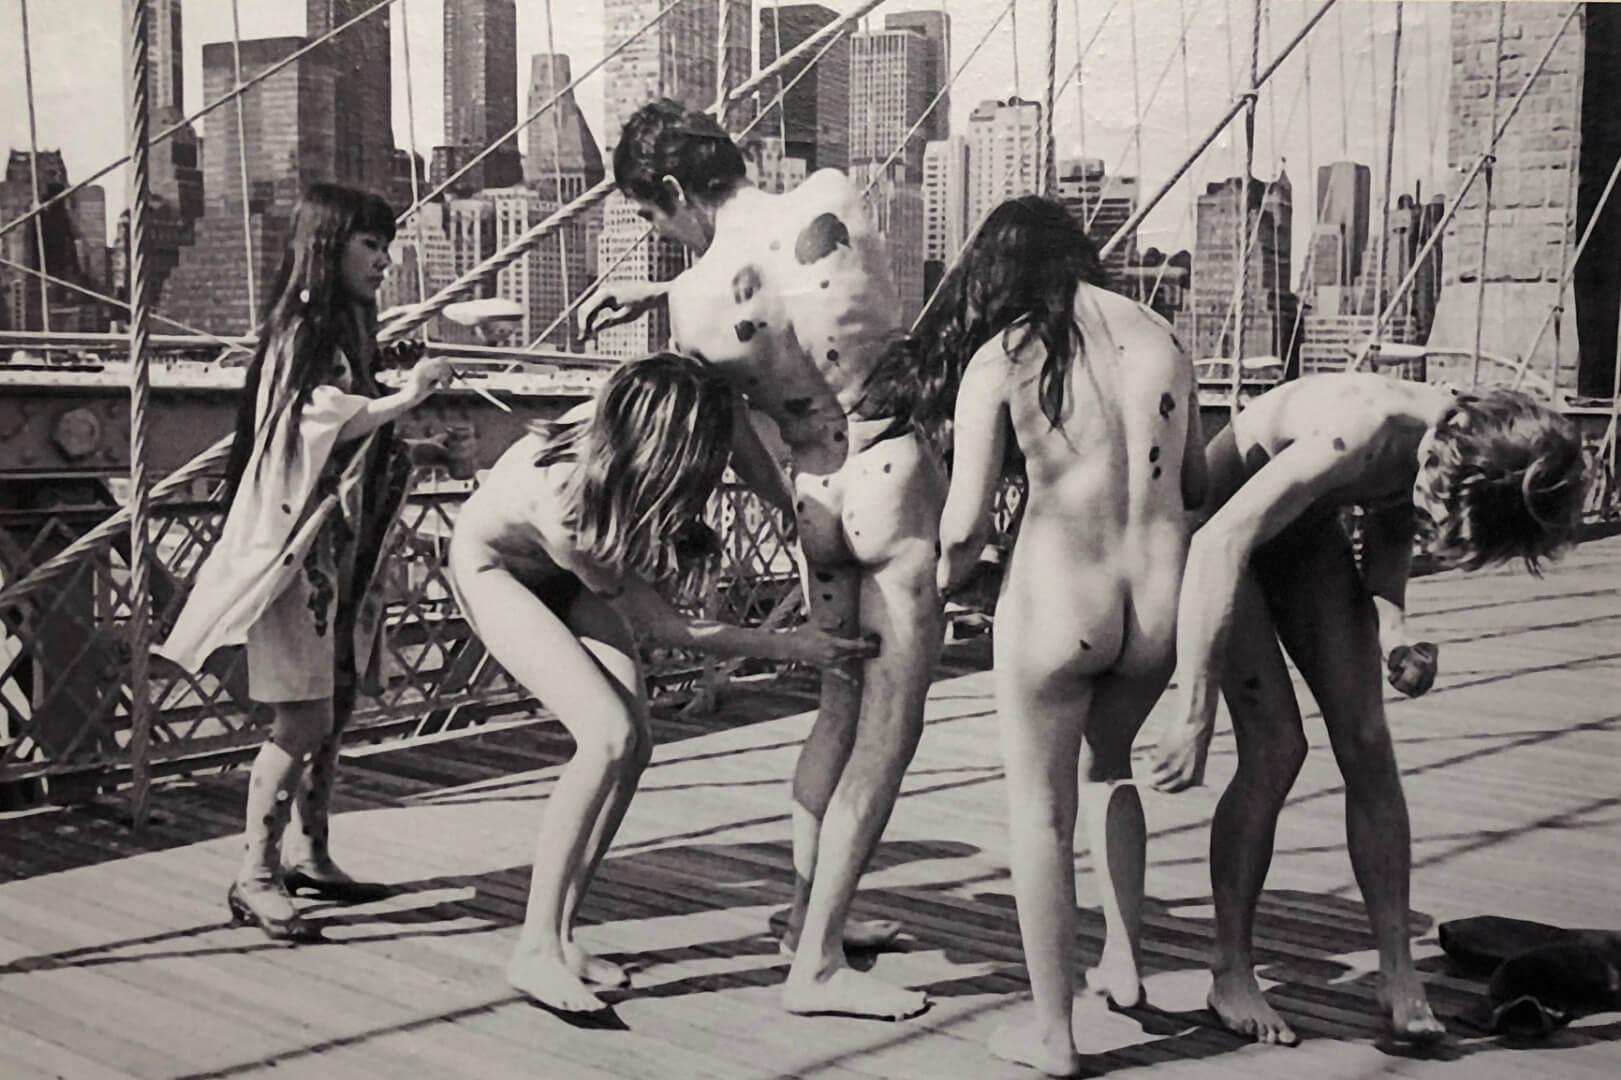 10_Yayoi Kusama, Anti war, Brooklyn Bridge, 1968